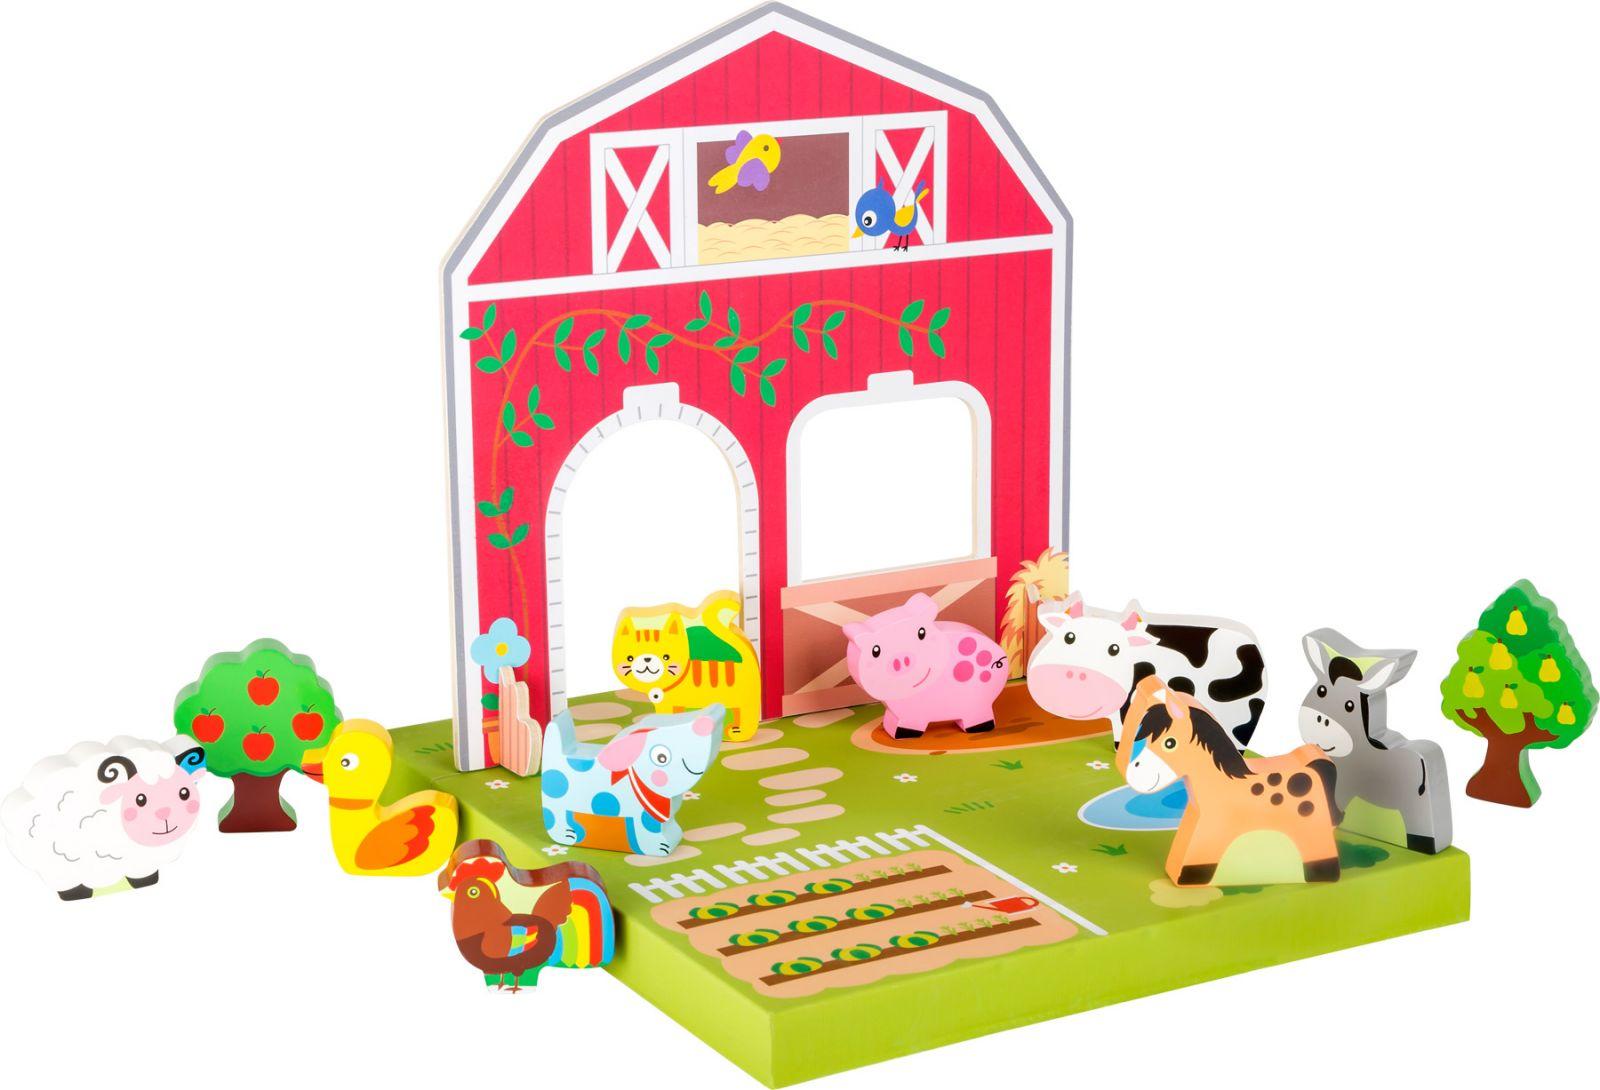 Dřevěné hračky Small Foot Dřevěná hračka farma se zvířátky Small foot by Legler